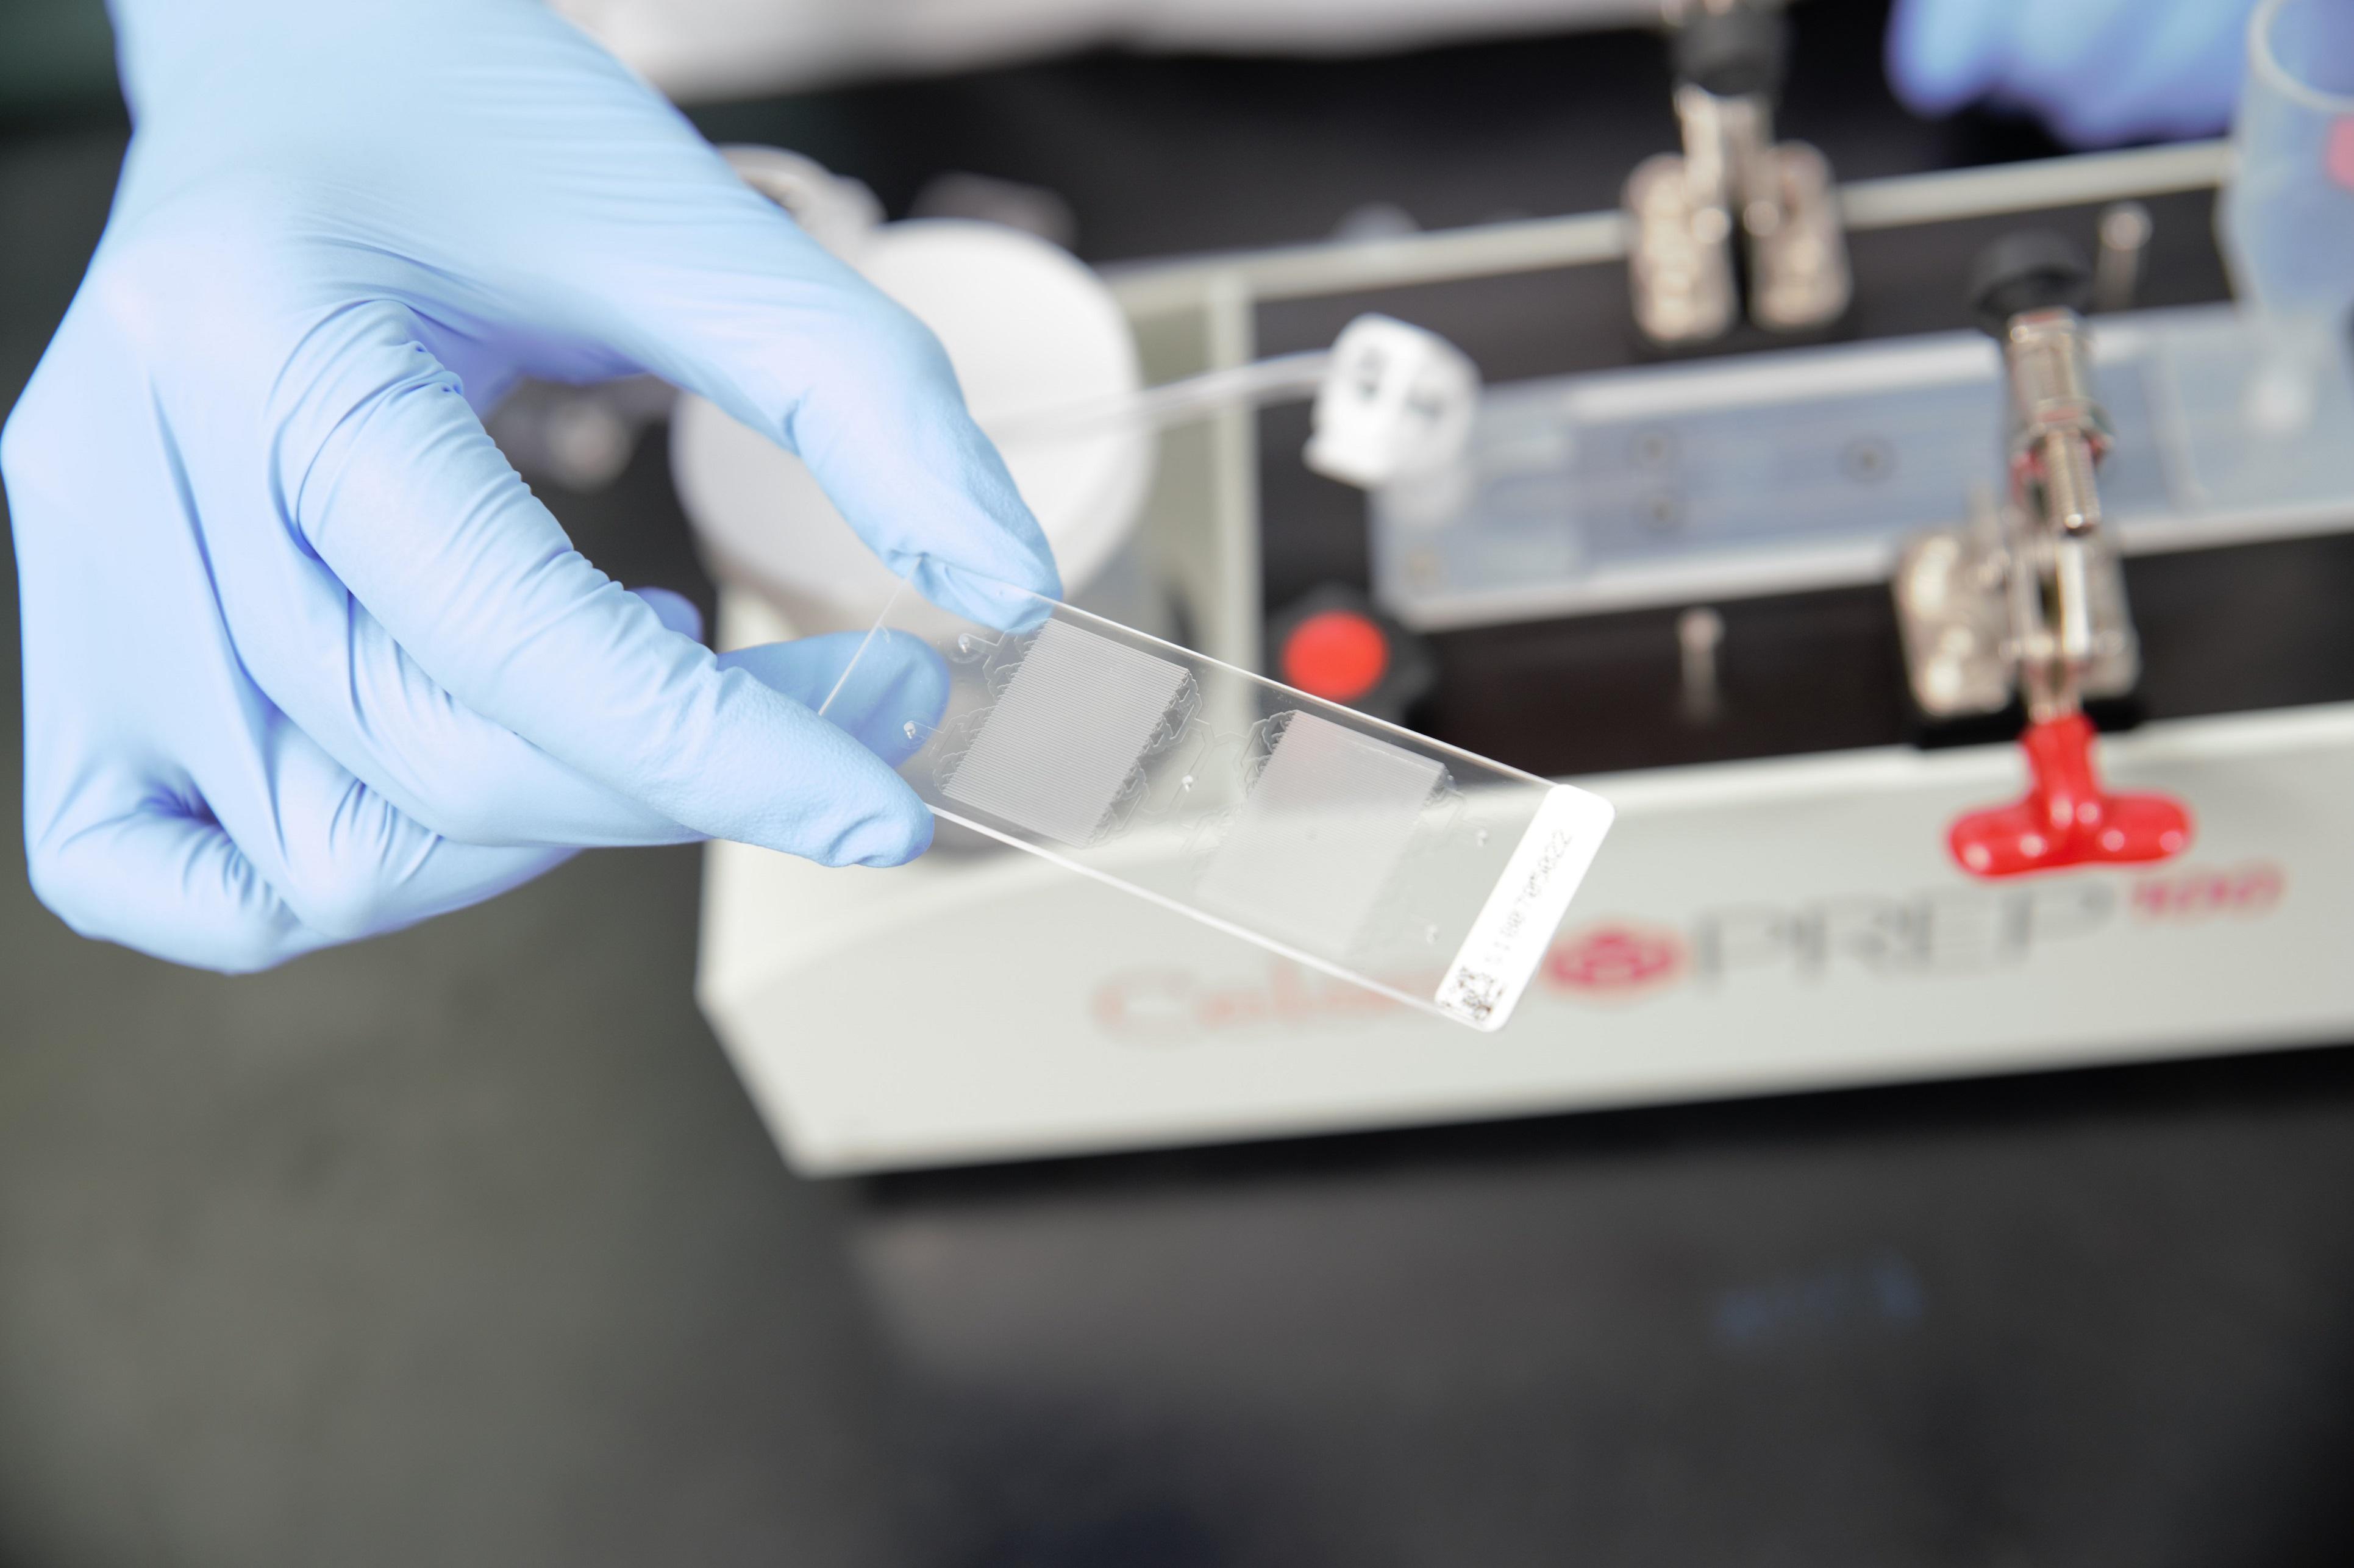 循環腫瘤細胞分析系統-CTC循環腫瘤細胞檢測